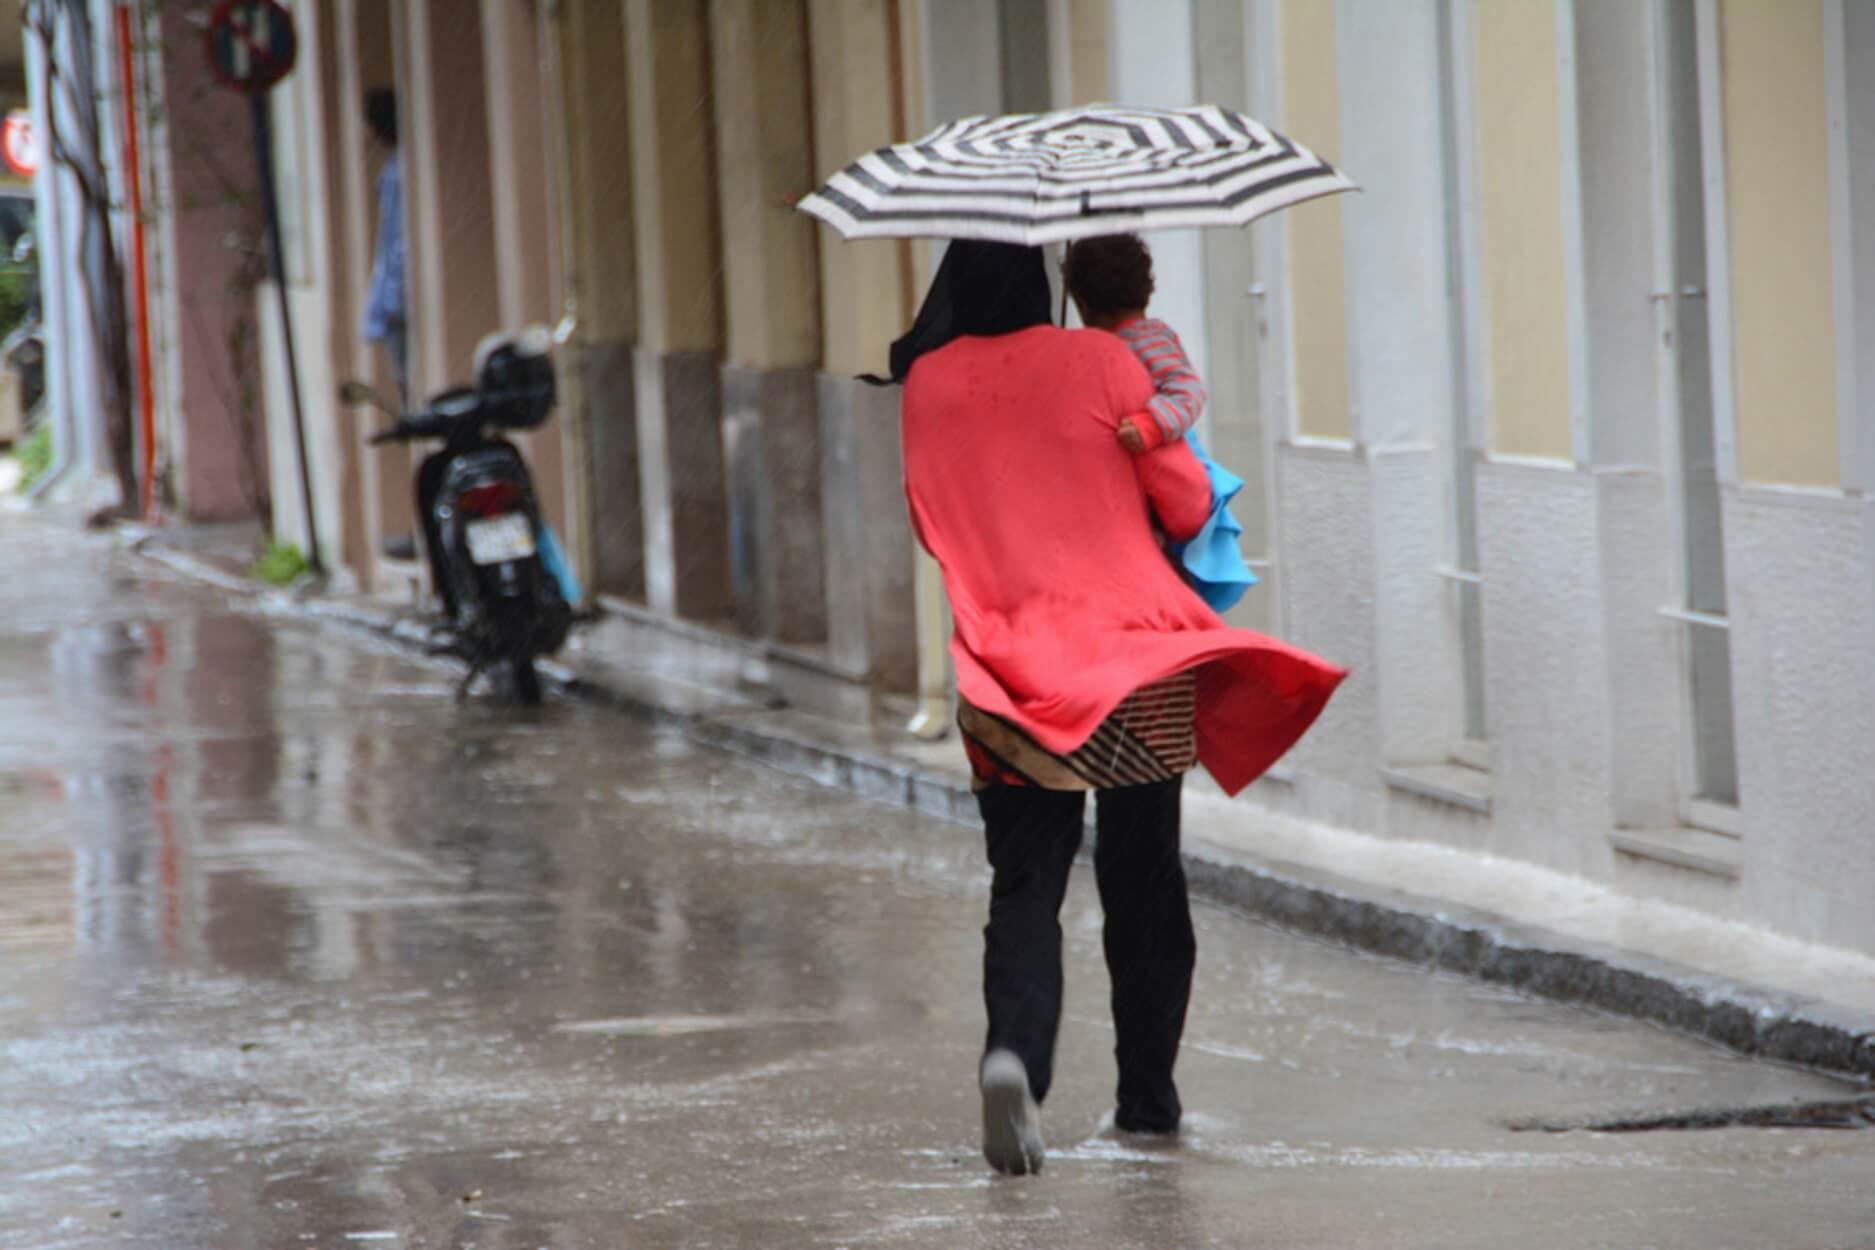 Με ομπρέλα και σήμερα! Ισχυρές καταιγίδες και χαλάζι - Πού θα χτυπήσει η κακοκαιρία